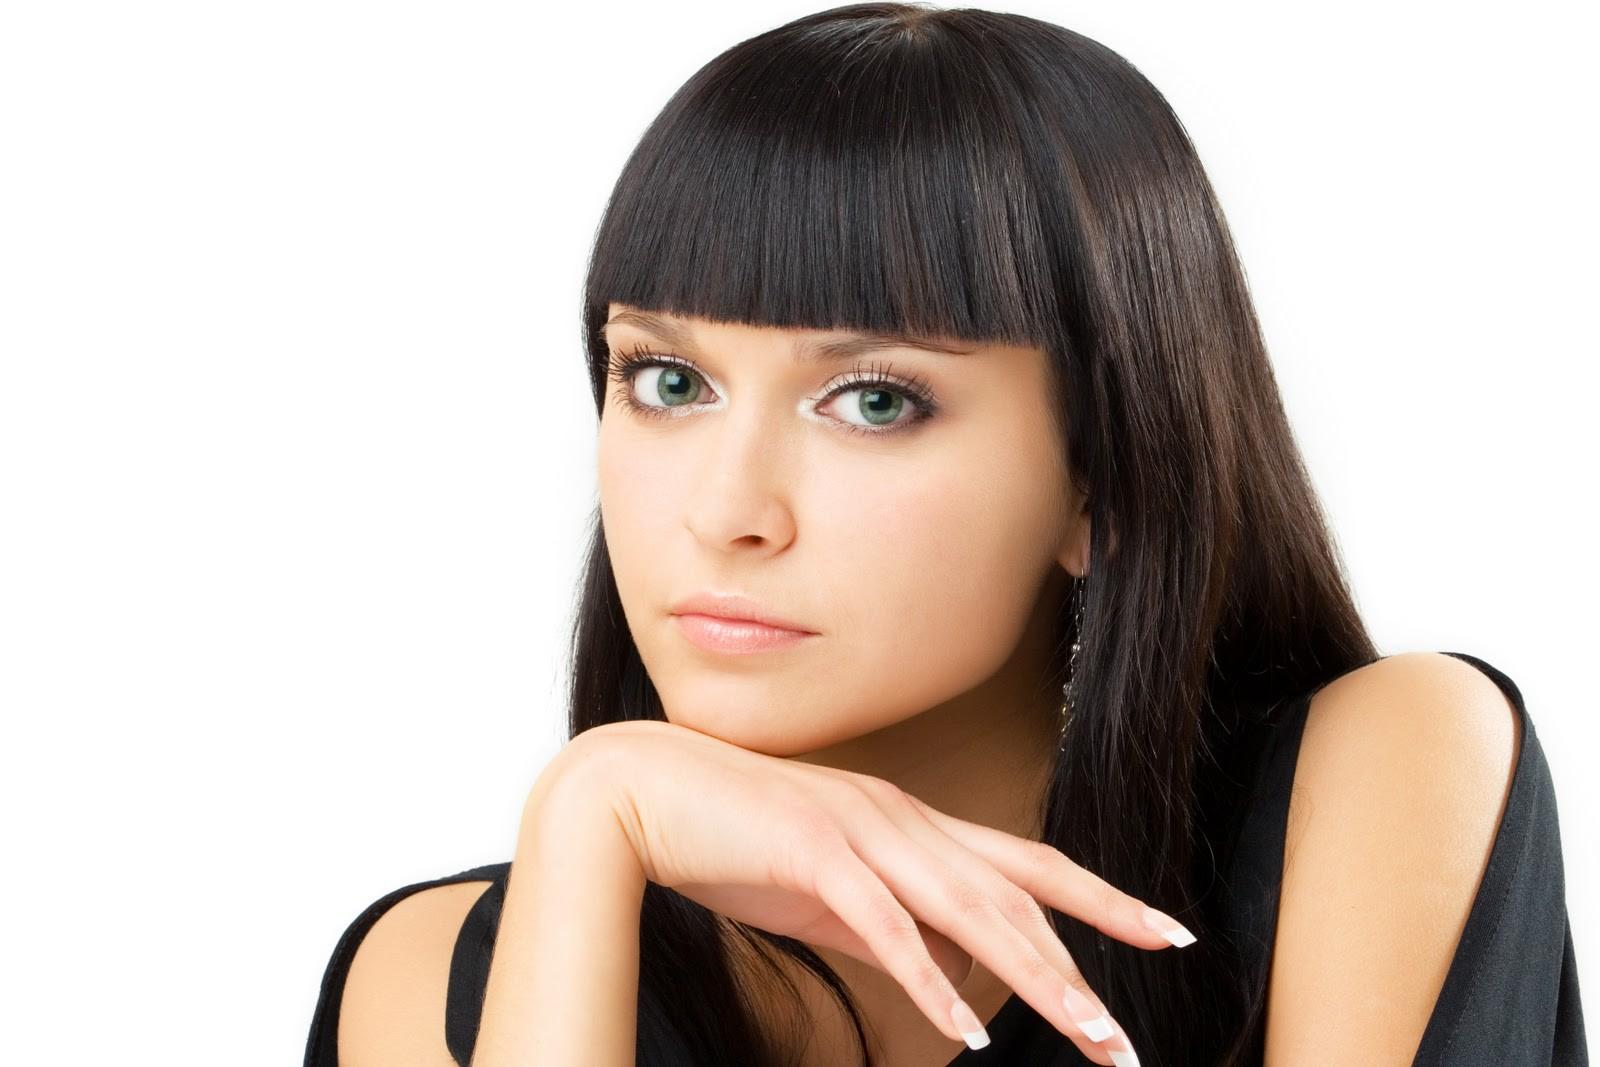 درمان مو به روش کراتینه: آنچه باید انتظار داشته باشید